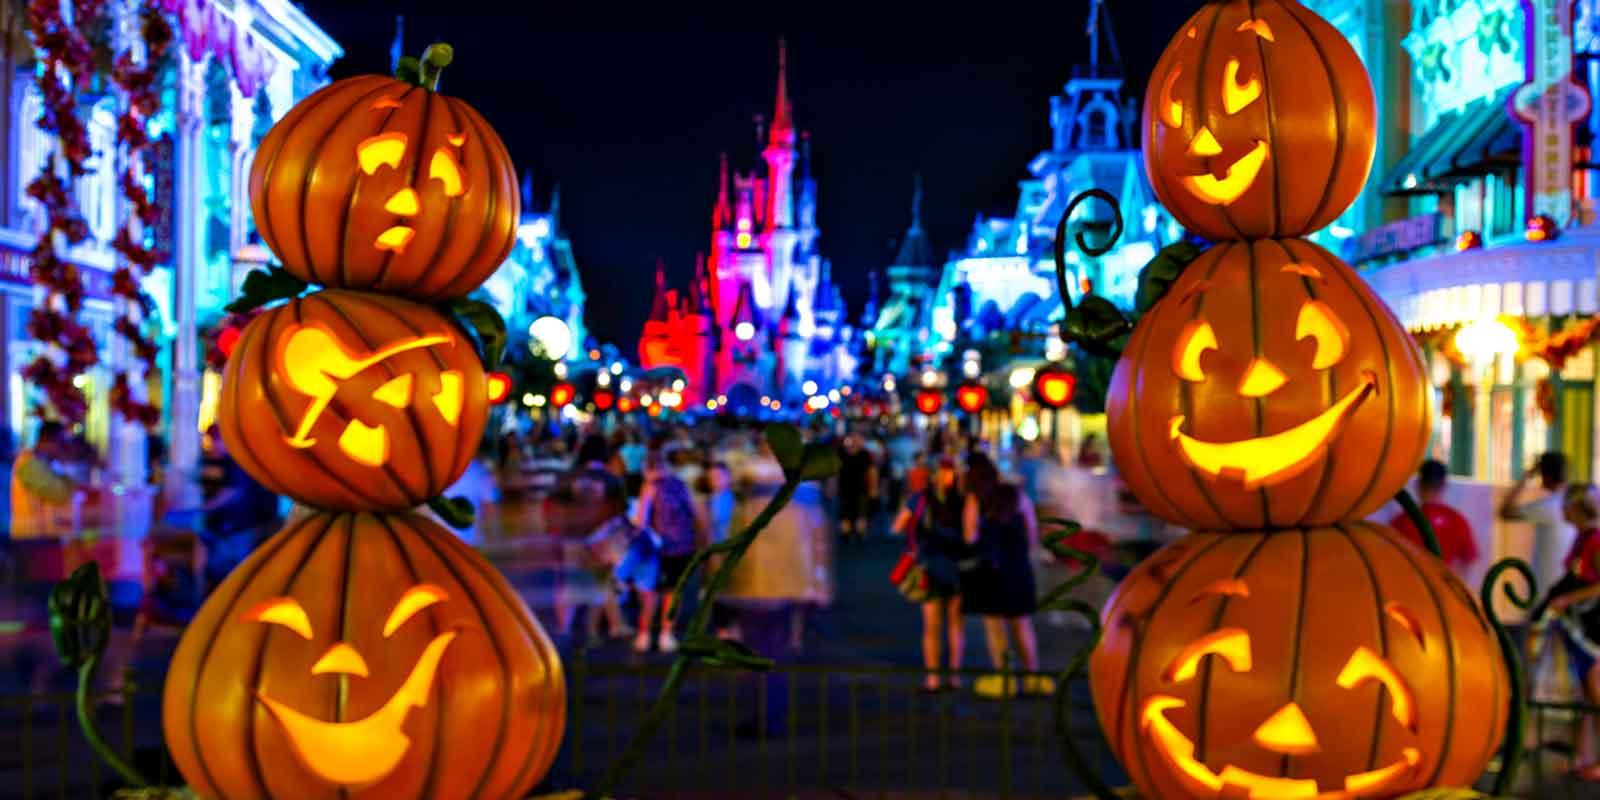 Closeup of 2 vertical stacks of pumpkins framing Cinderella's castle at Magic Kingdom.